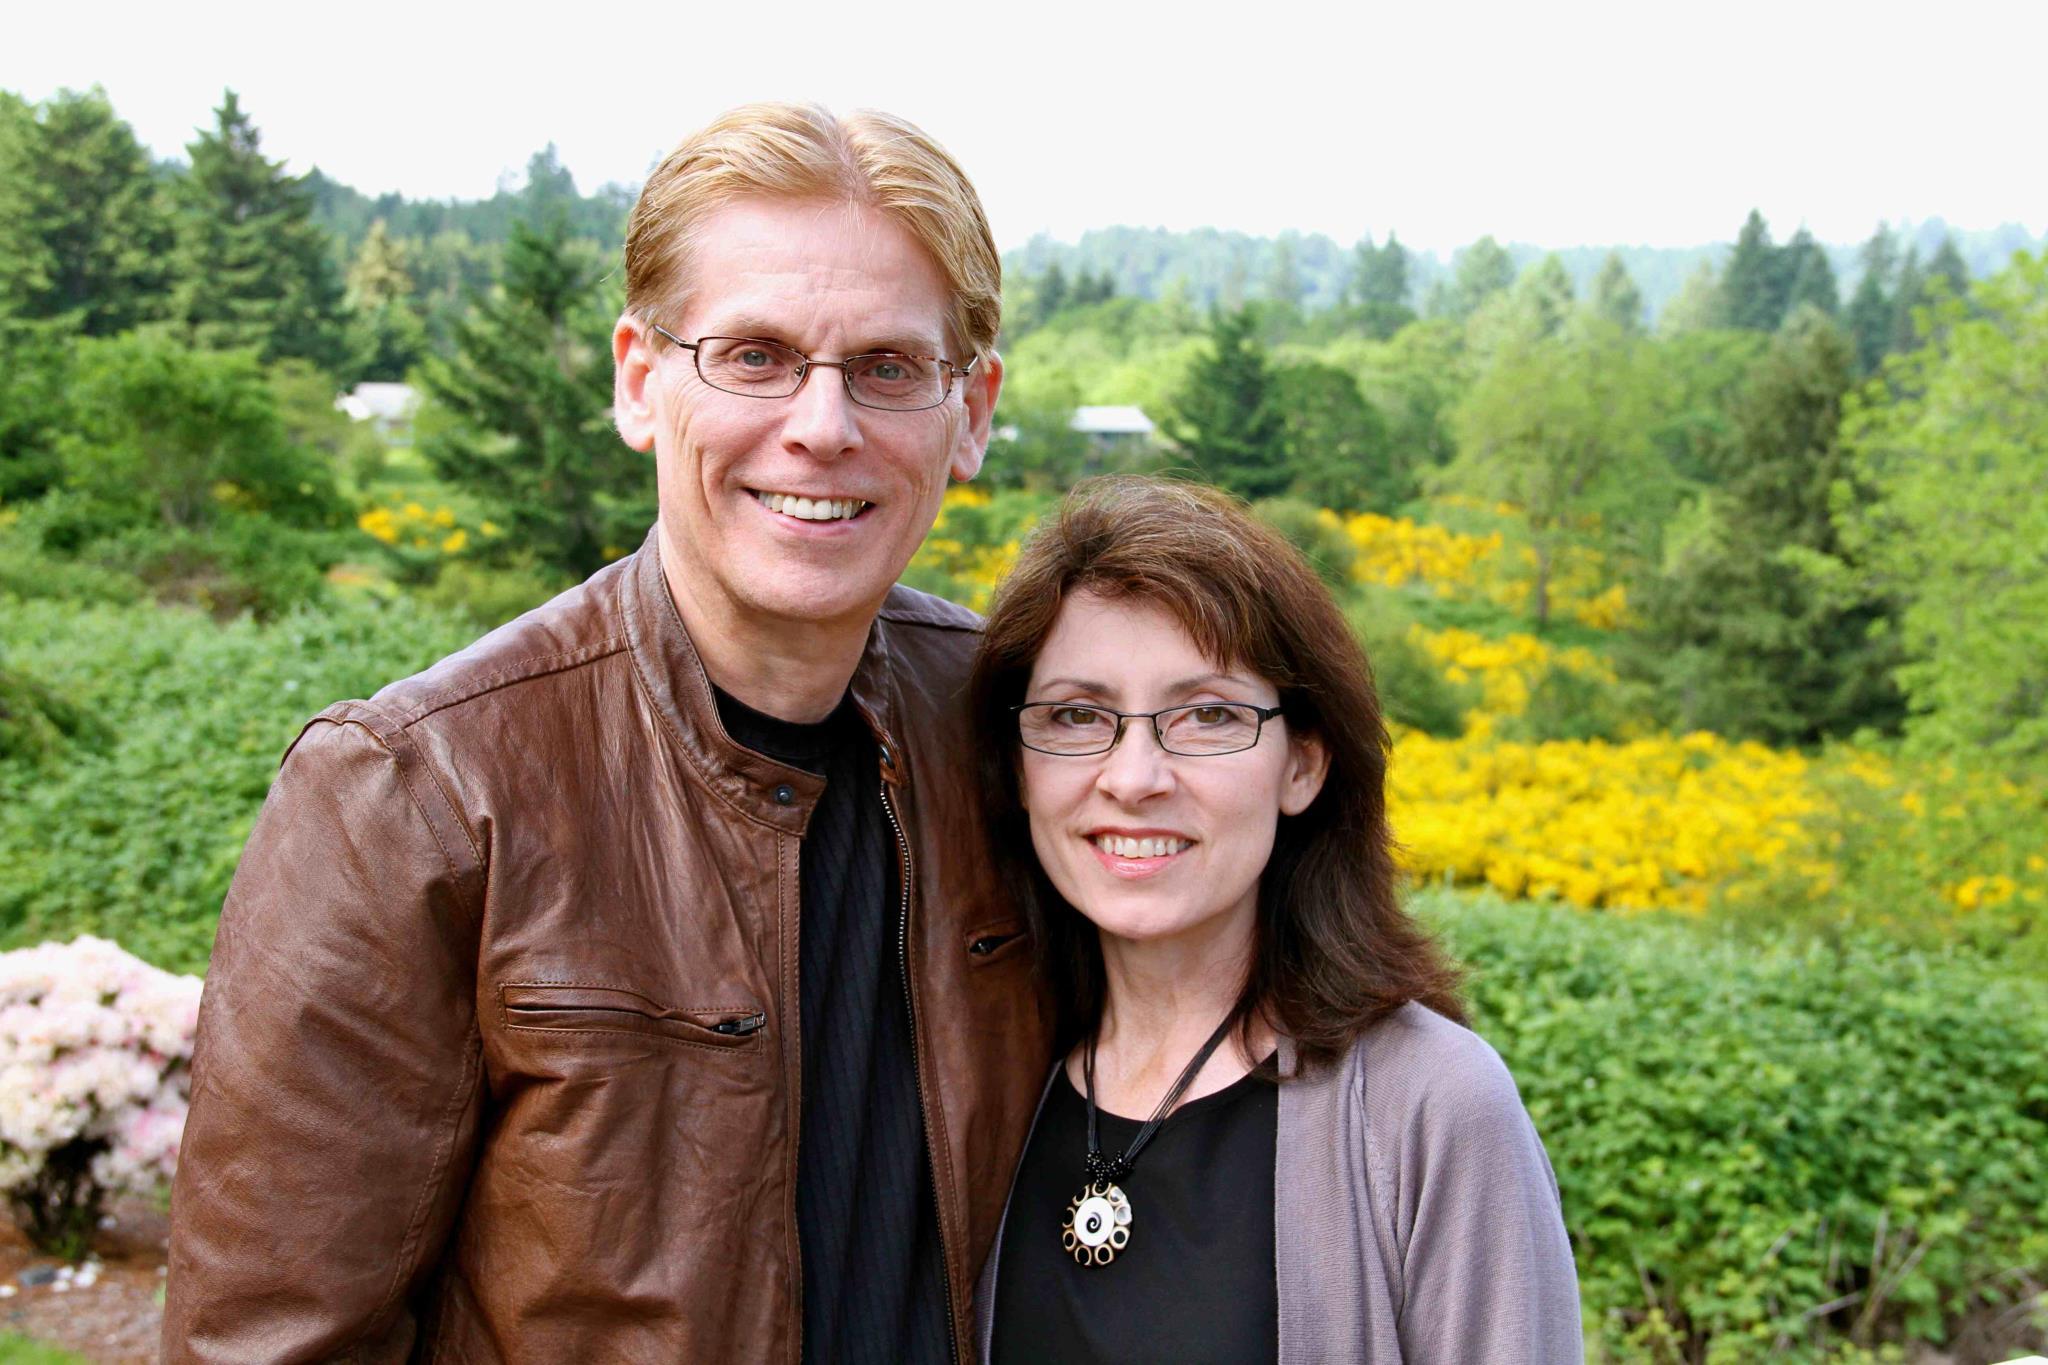 John and Carolyn Stewart